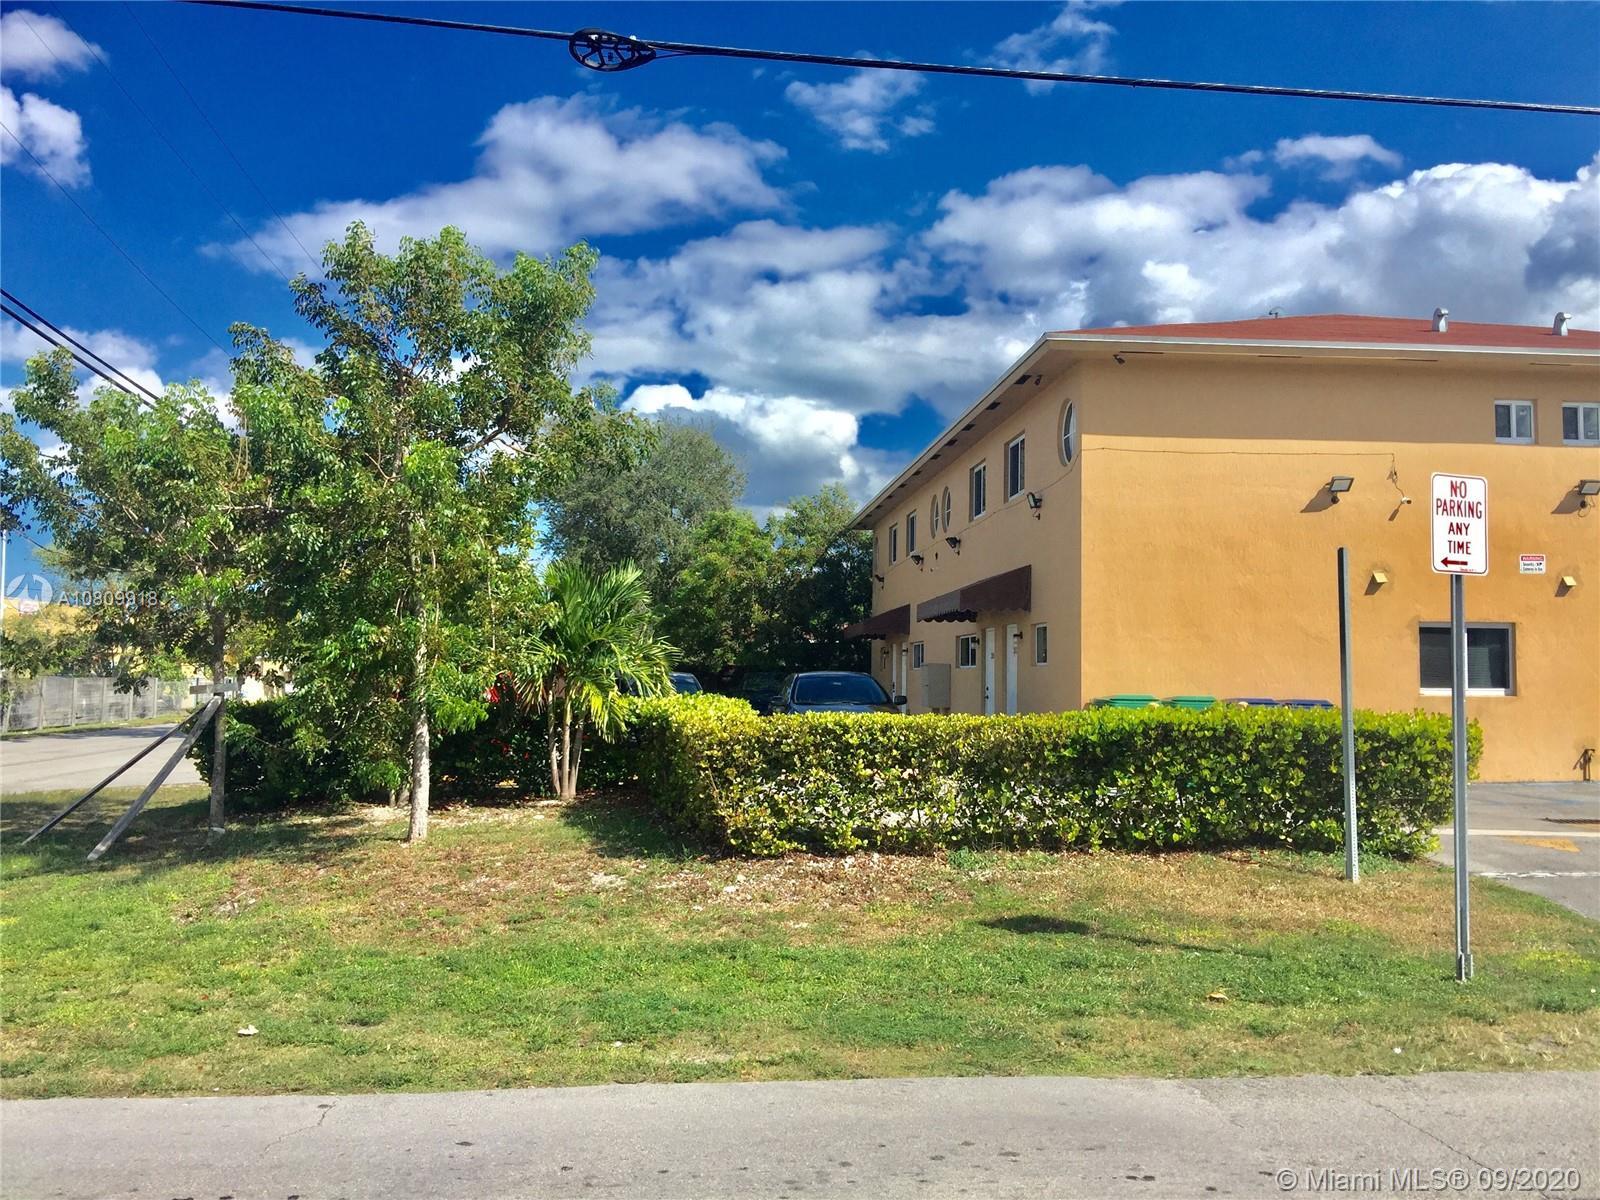 300 NE 166th St, North Miami Beach, FL 33162